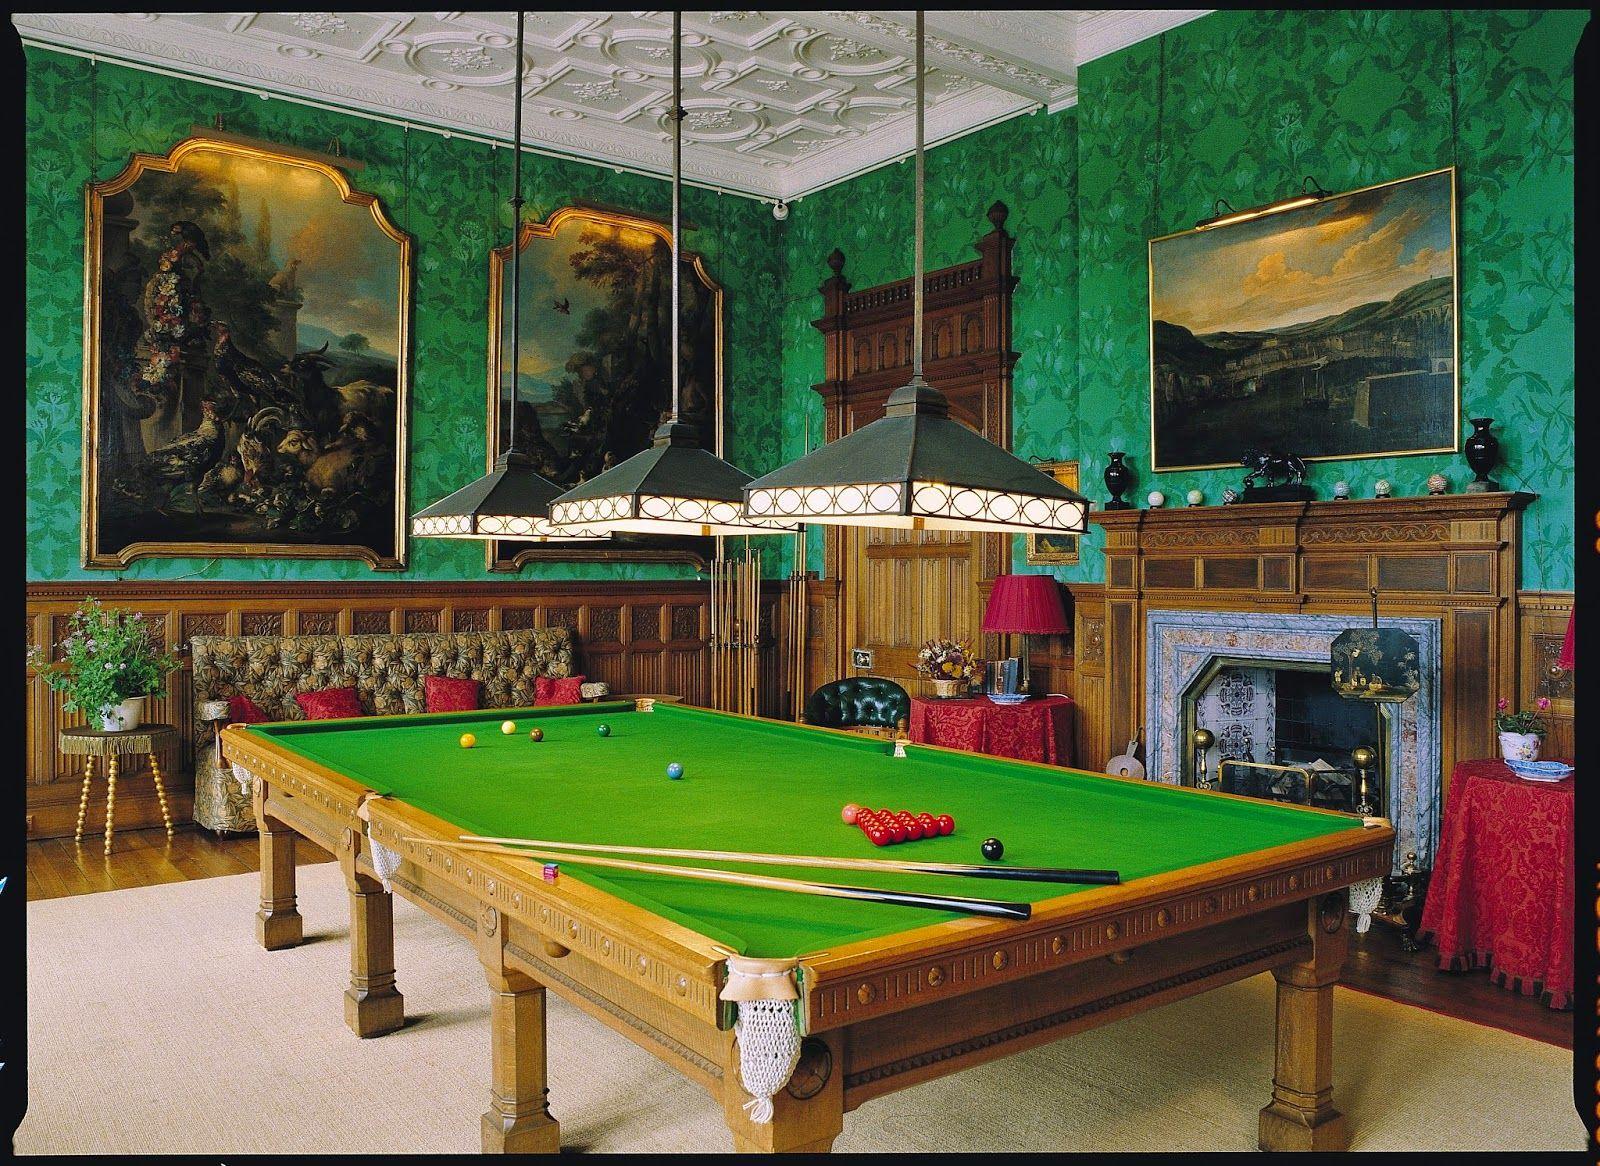 Charlecote Park Billiard Room Billiard Room Billiards